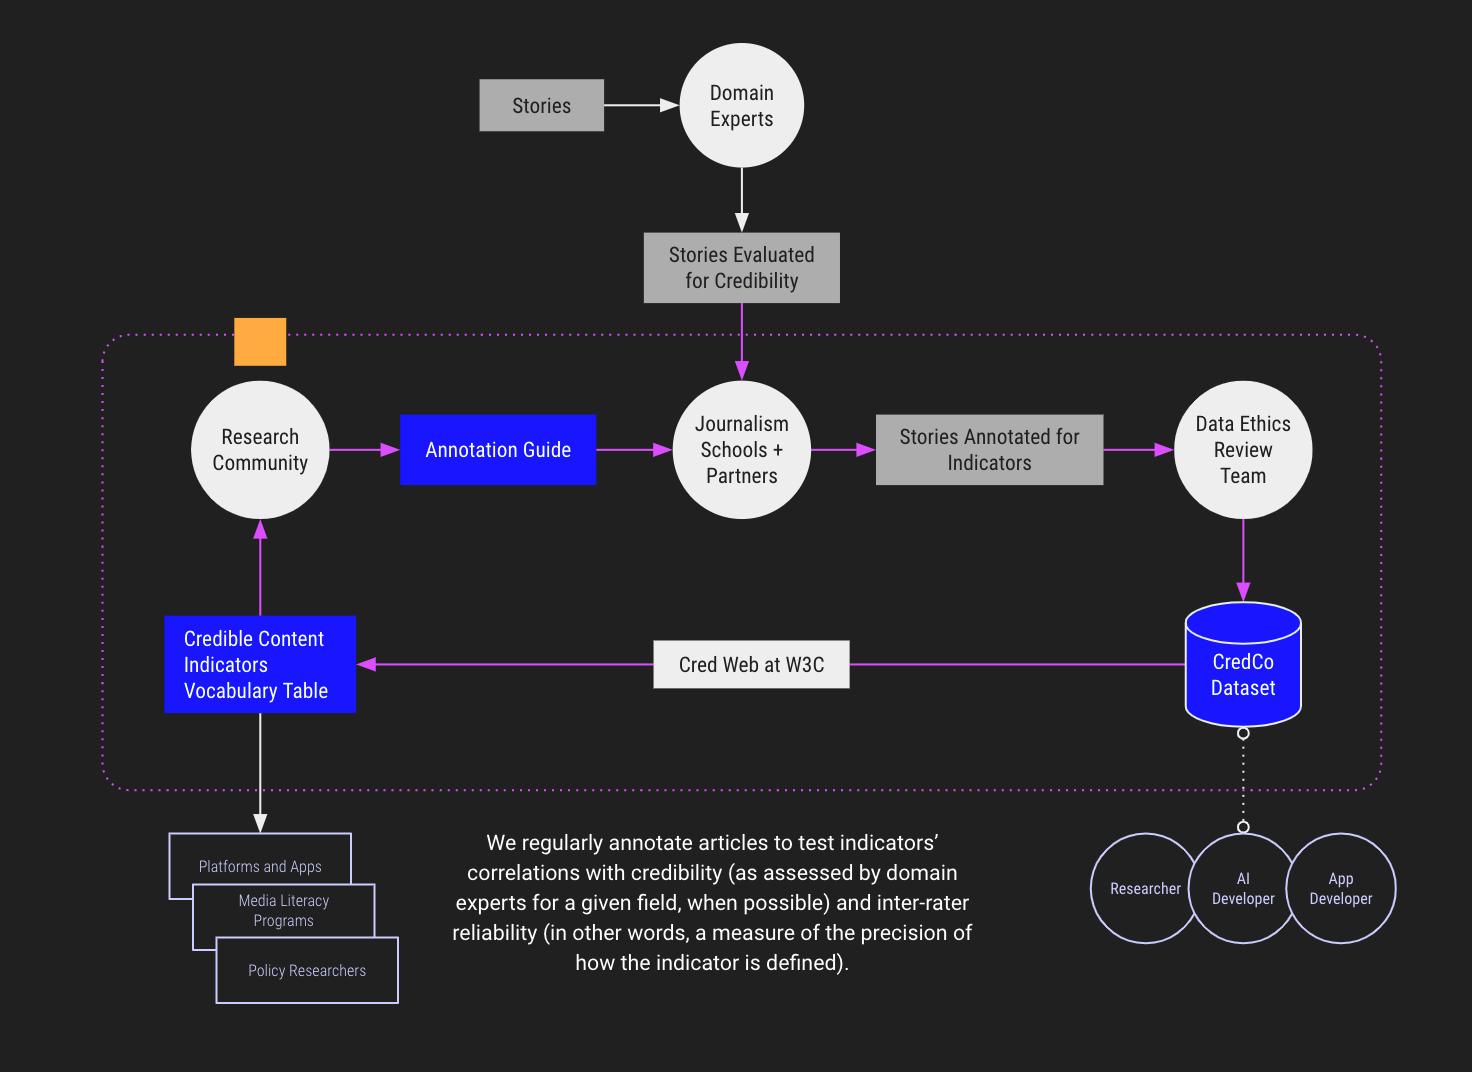 ciclo-vida-indicador-informacion-confiable